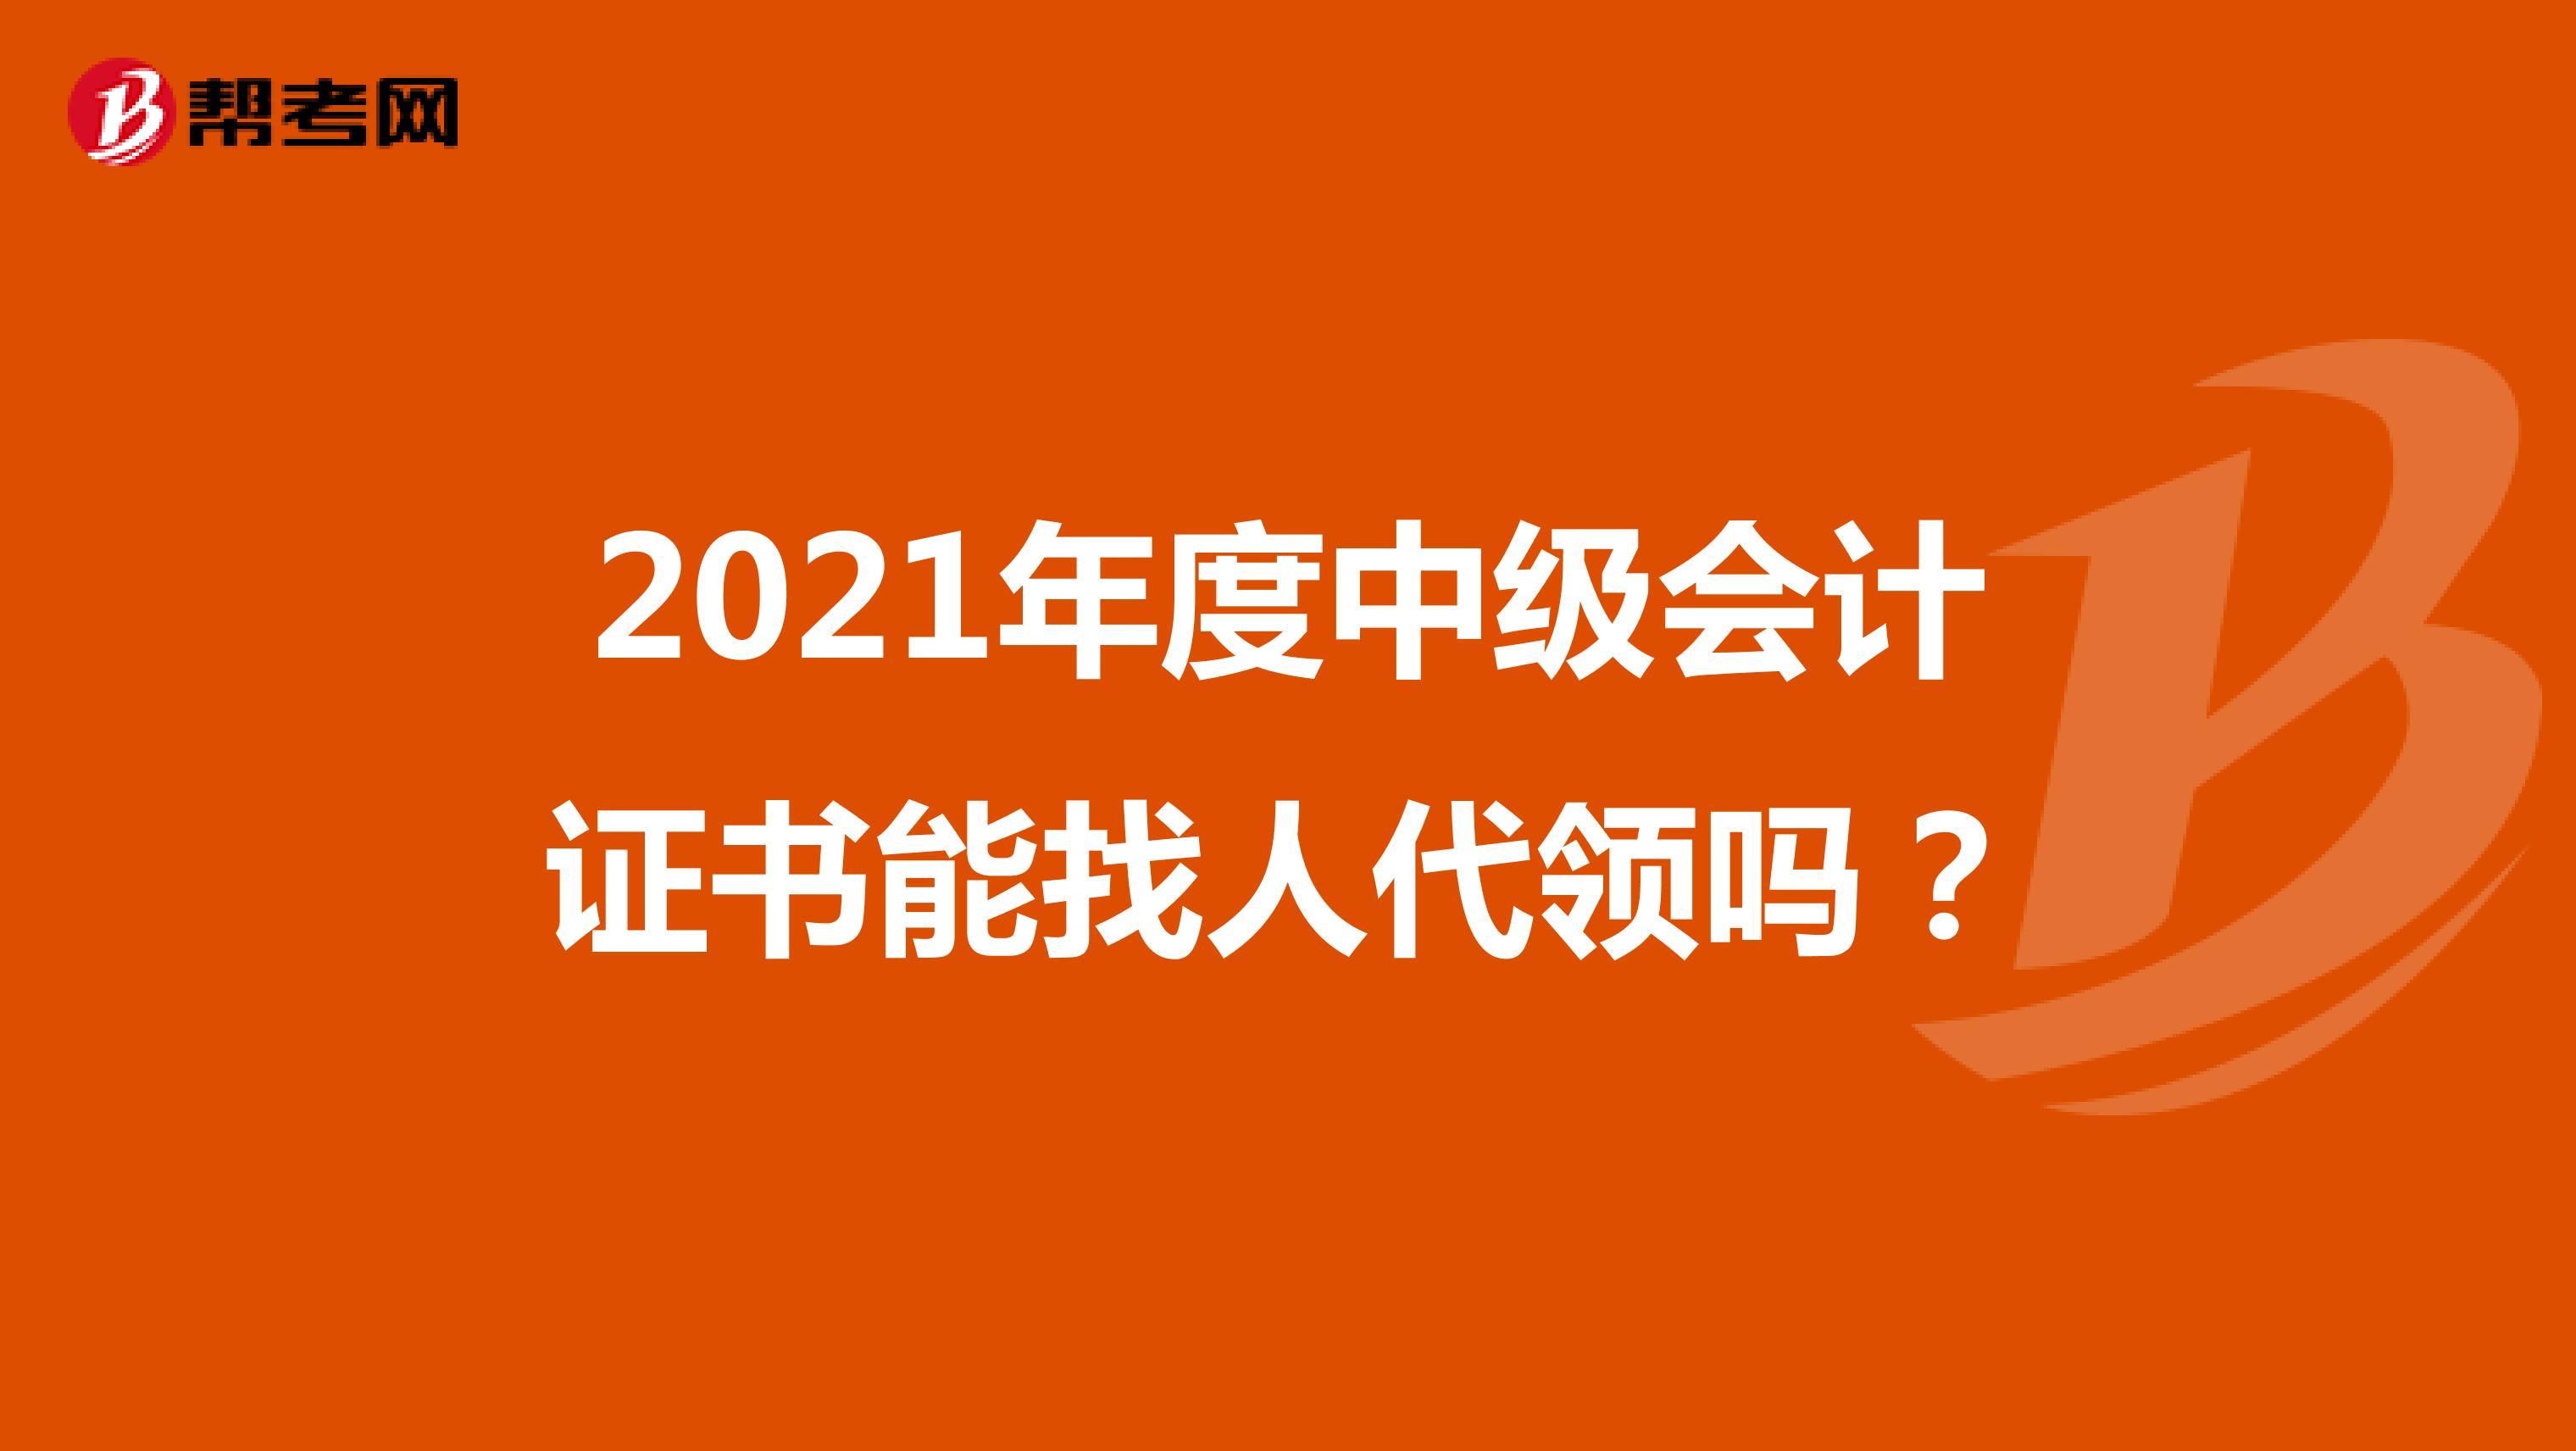 2021年度中级会计证书能找人代领吗?